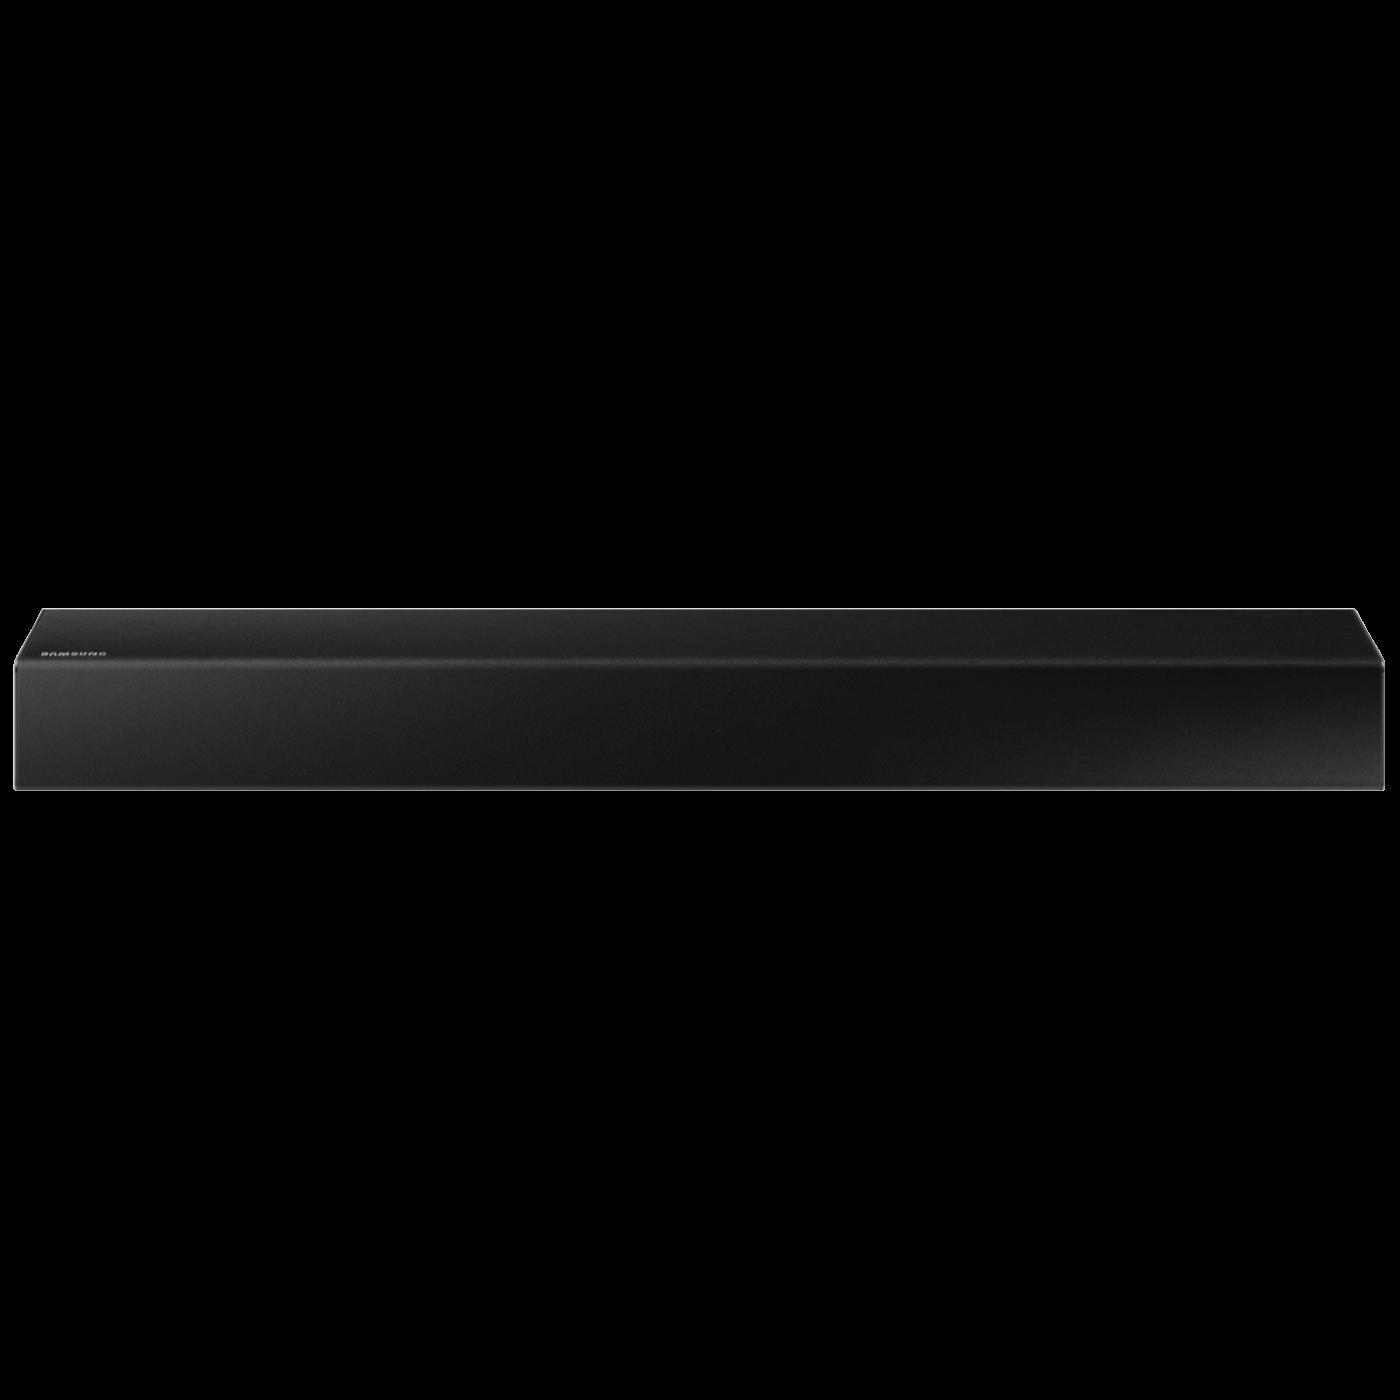 Samsung - HW-N300/EN